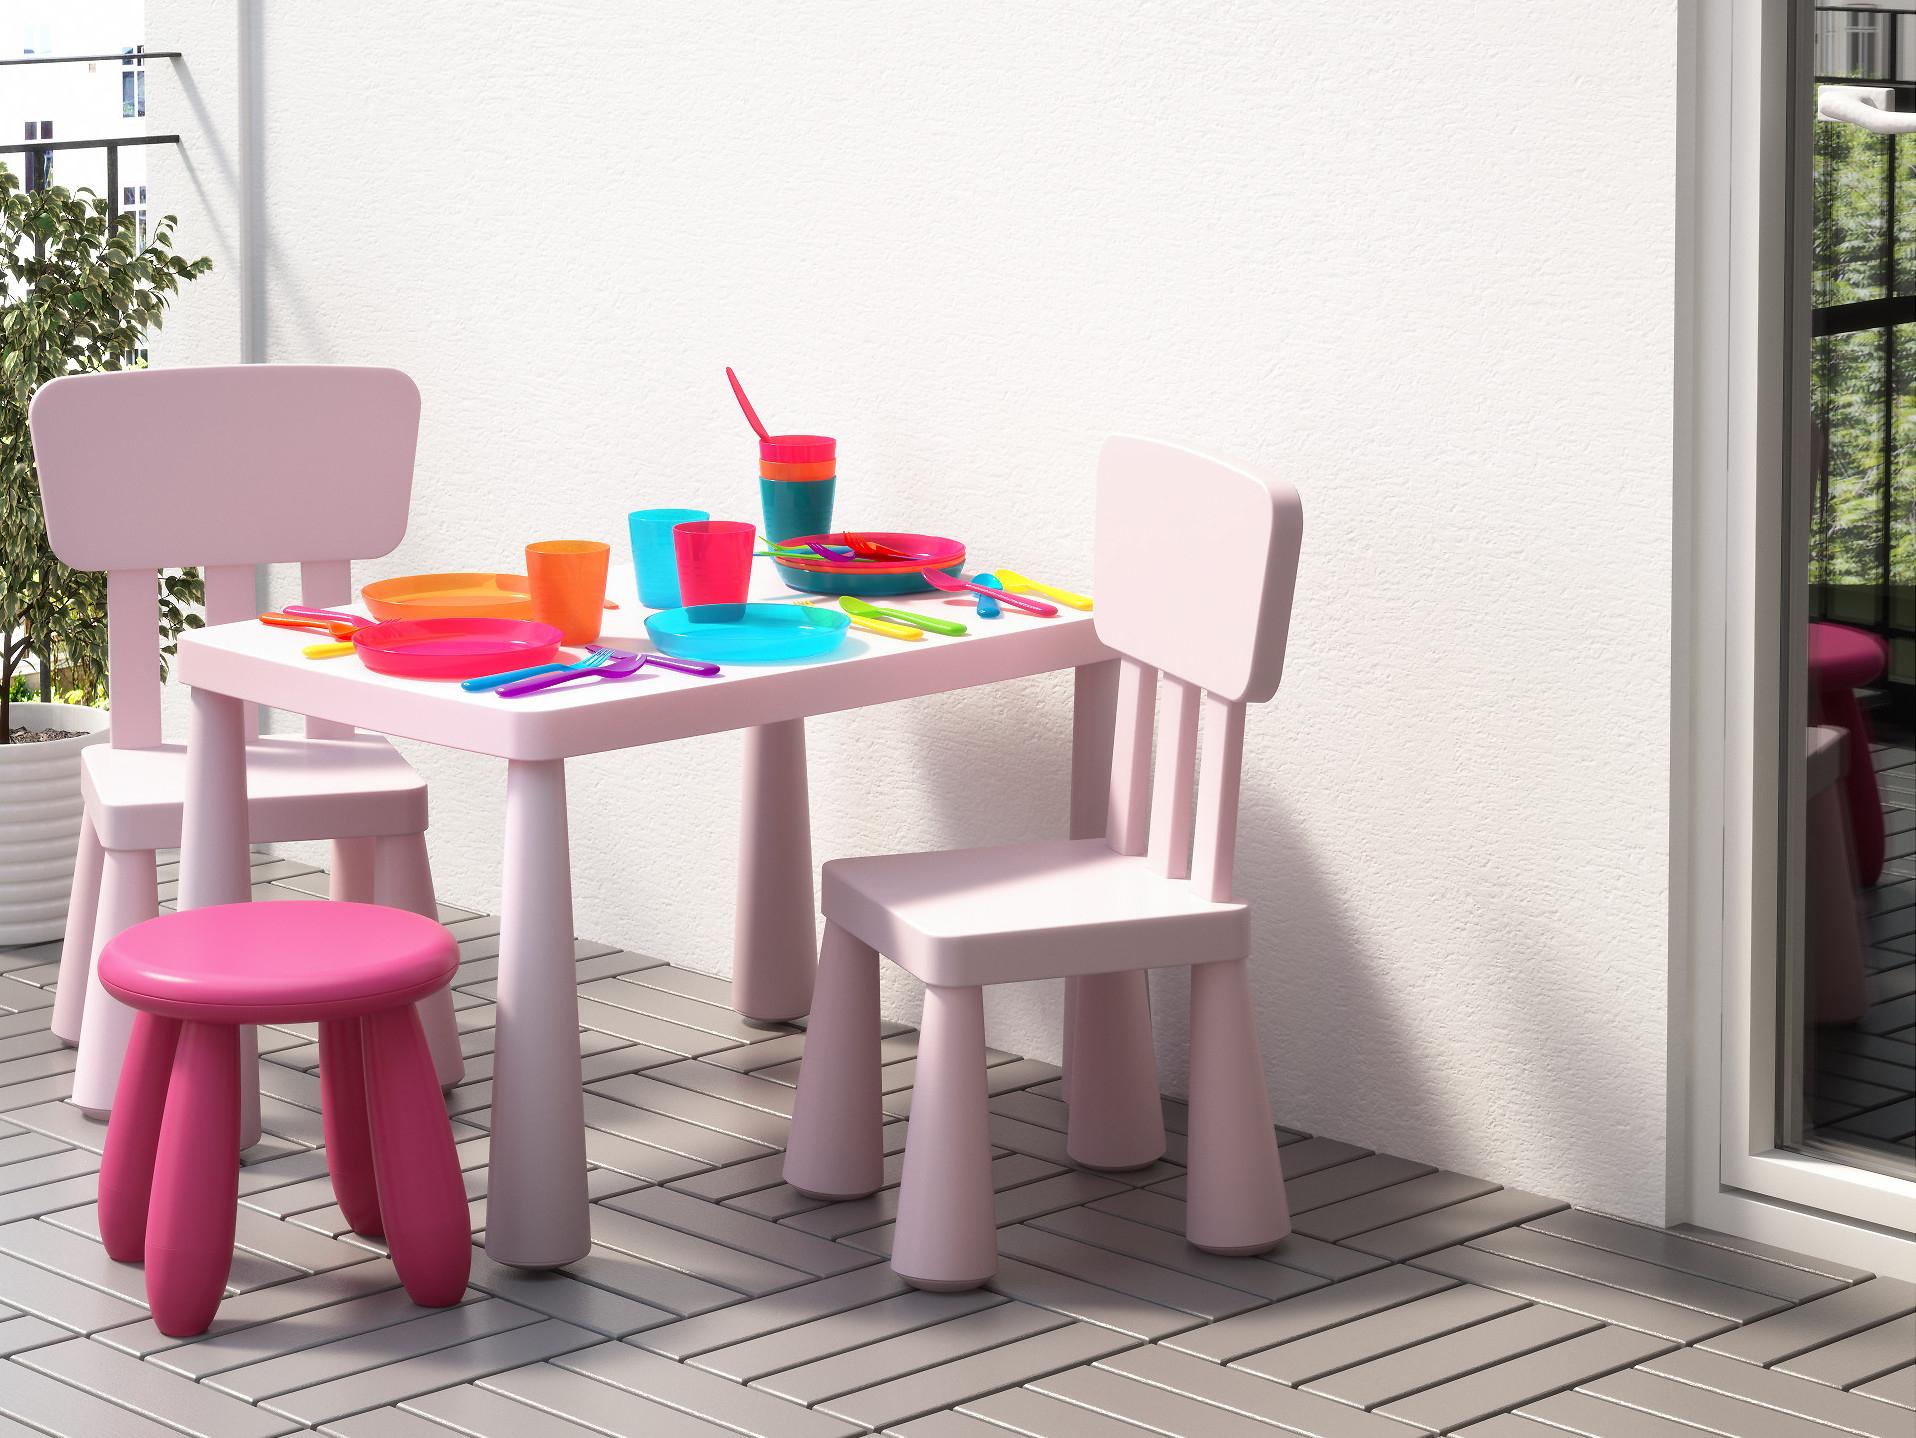 Salon De Jardin Pour Enfants : Du Mobilier Comme Les Grands ... tout Table Et Chaise Jardin Enfant